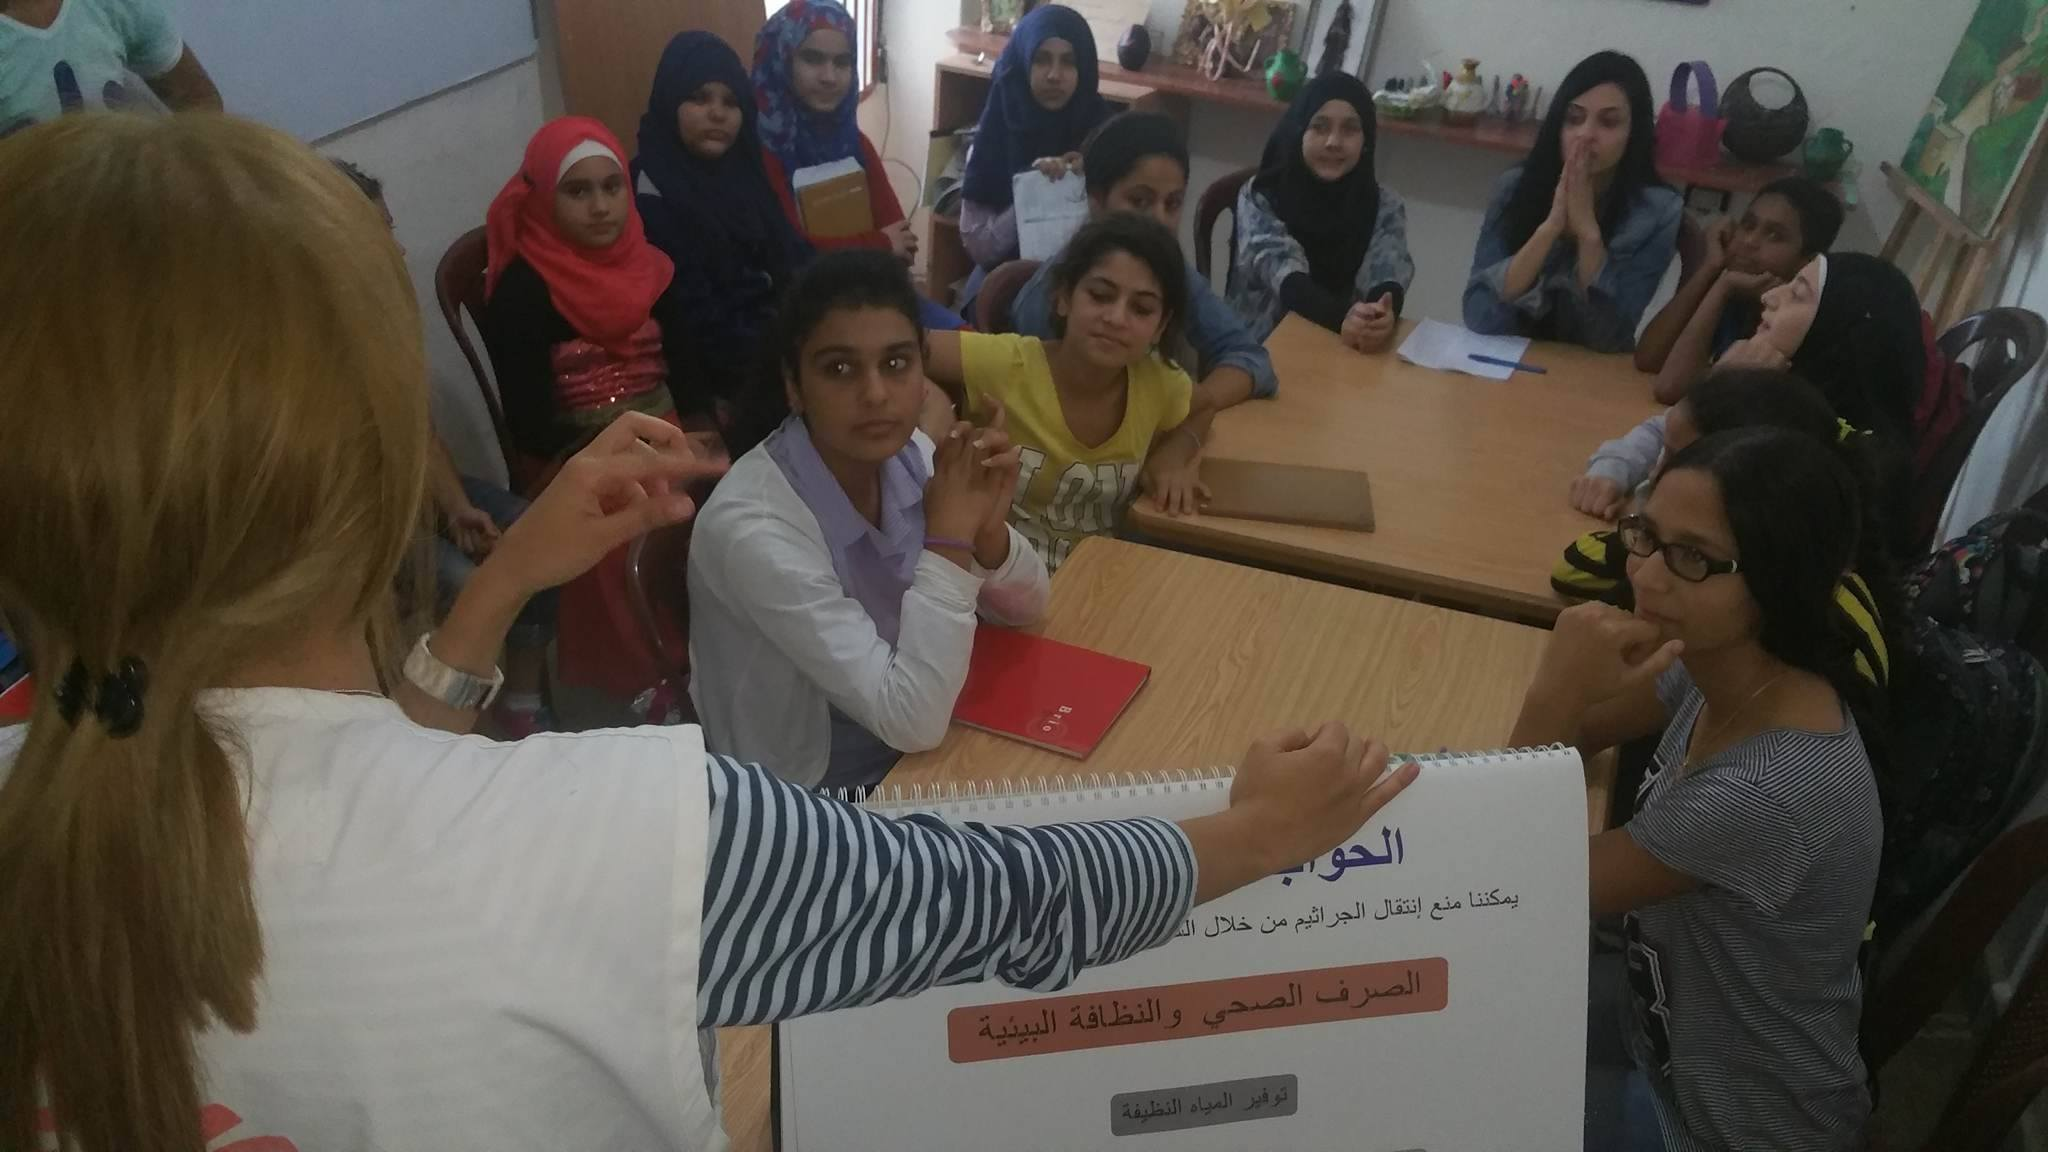 أطباء بلا حدود تنظم ورشة عمل صحيّة للمرّة الثالثة في جمعية ناشط